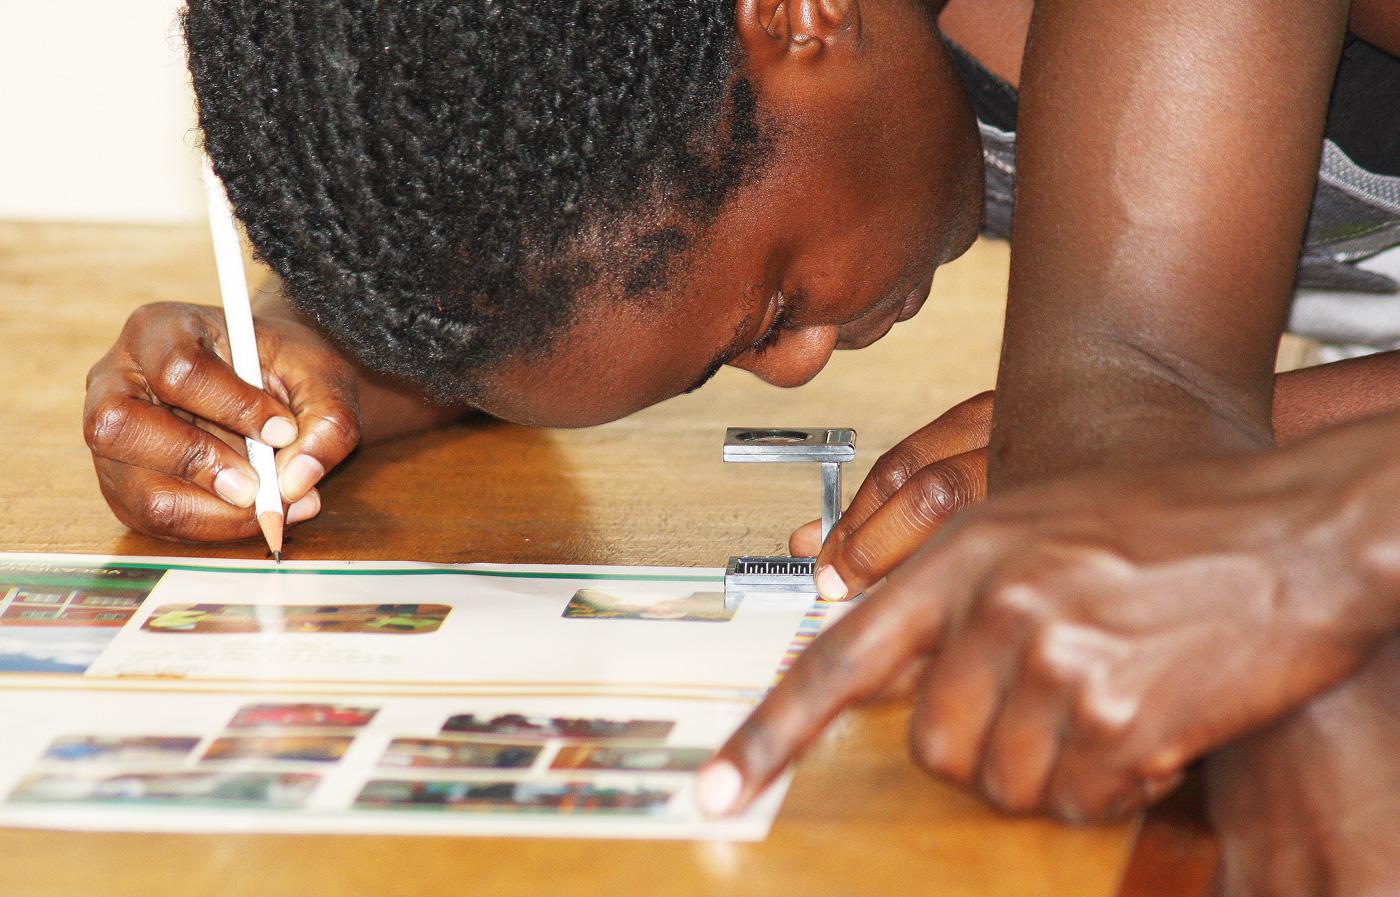 Commercial Printing in uganda